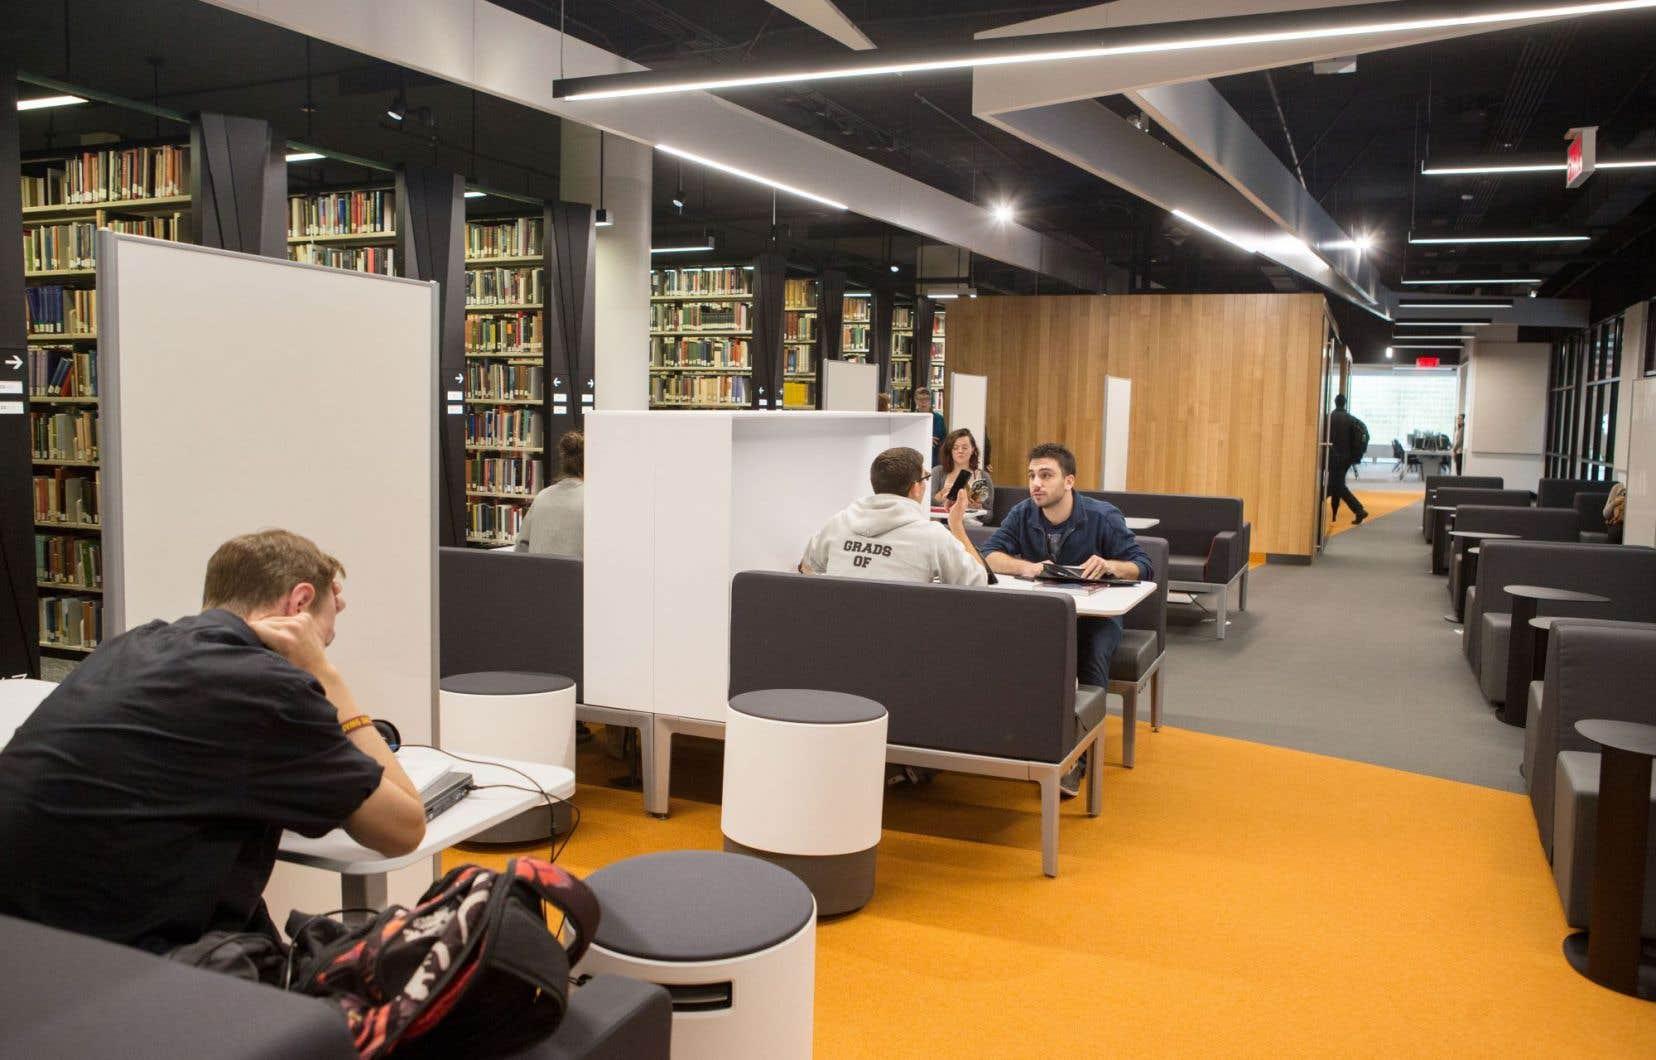 La bibliothèque Webster a subi des rénovations majeures et sa transformation ne sera achevée qu'en 2017.